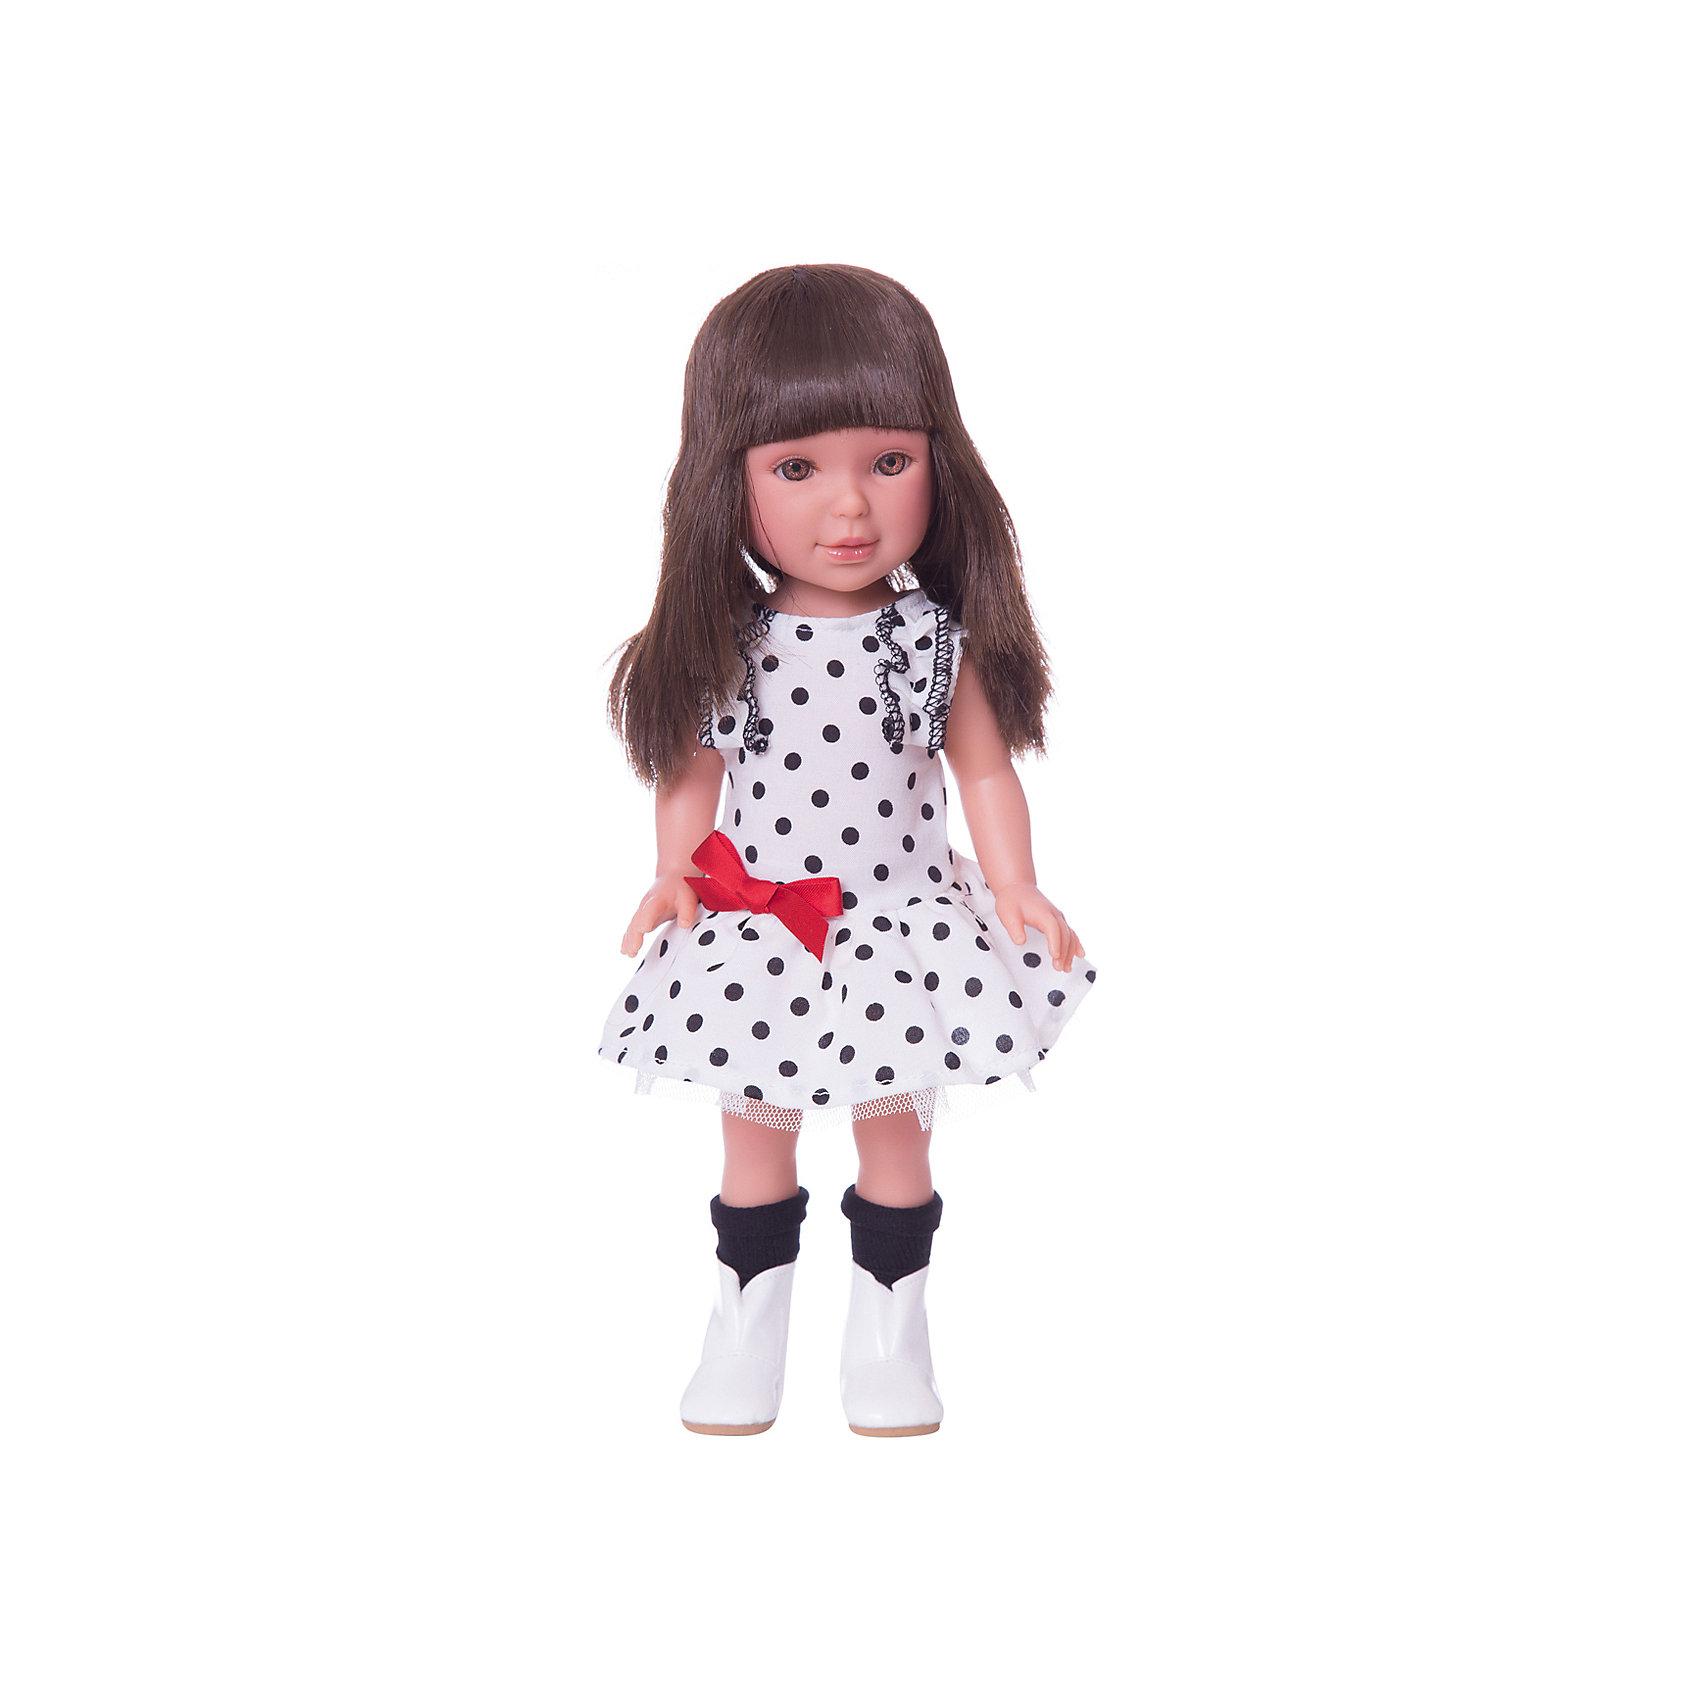 Кукла Паулина, брюнетка с челкой, Весна Техас, Vestida de AzulКлассические куклы<br>Характеристики товара:<br><br>• возраст: от 3 лет;<br>• материал: винил, текстиль;<br>• в комплекте: кукла, платье;<br>• высота куклы: 33 см;<br>• размер упаковки: 40,5х22,5х10,5 см;<br>• вес упаковки: 700 гр.;<br>• страна производитель: Испания.<br><br>Кукла Паулина брюнетка с челкой «Весна Техас» Vestida de Azul одета в платье в горошек с красным бантиком и высокие сапожки. У Паулины милое личико с большими живыми глазками, щечками с легким румянцем. Густые темные волосы с челкой очень похожи на натуральные. Девочка сможет расчесывать их, укладывать, заплетать, придумывая кукле разнообразные прически.<br><br>Куклу Паулину брюнетка с челкой «Весна Техас» Vestida de Azul можно приобрести в нашем интернет-магазине.<br><br>Ширина мм: 225<br>Глубина мм: 105<br>Высота мм: 405<br>Вес г: 700<br>Возраст от месяцев: 36<br>Возраст до месяцев: 2147483647<br>Пол: Женский<br>Возраст: Детский<br>SKU: 6844341